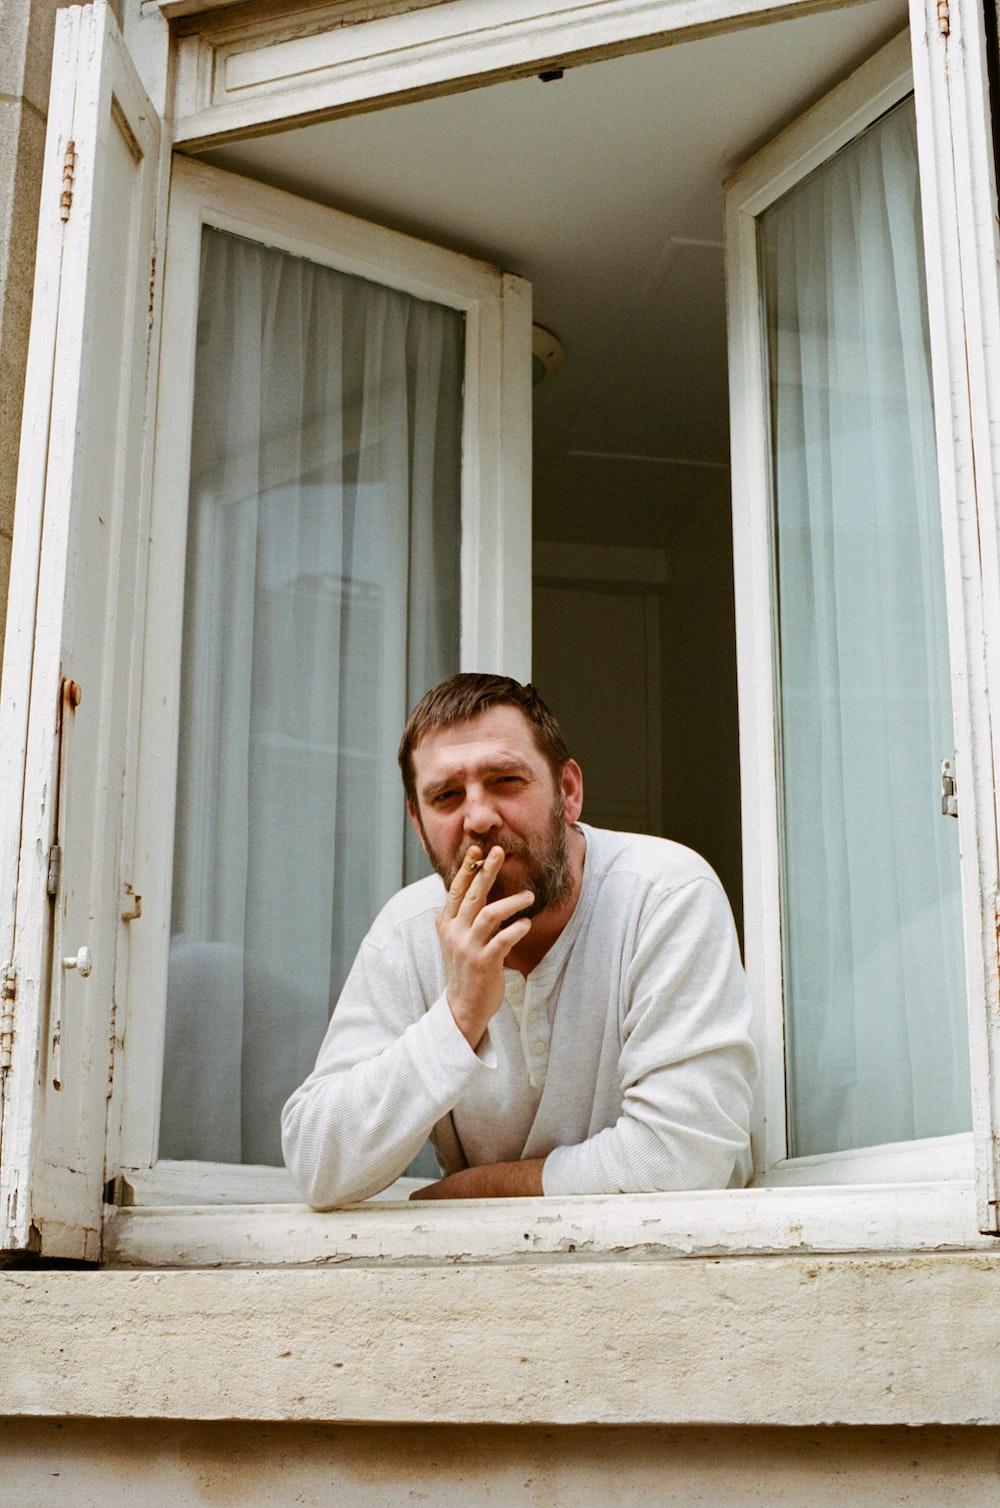 man in white dress shirt sitting beside white wooden framed glass window